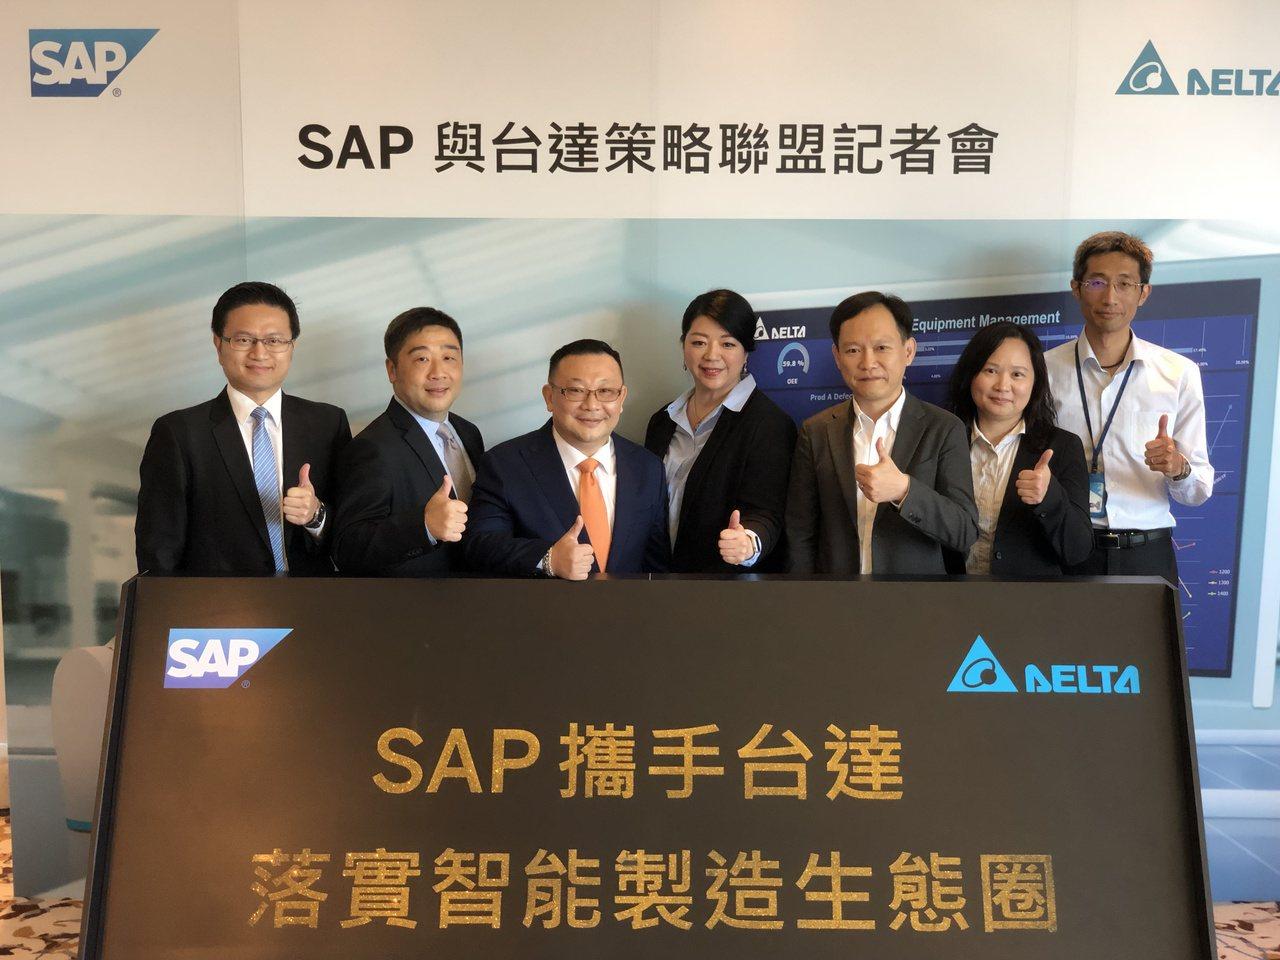 SAP宣布與台達策略合作,打造智能製造生態圈。圖為SAP 全球副總裁暨台灣總經理...